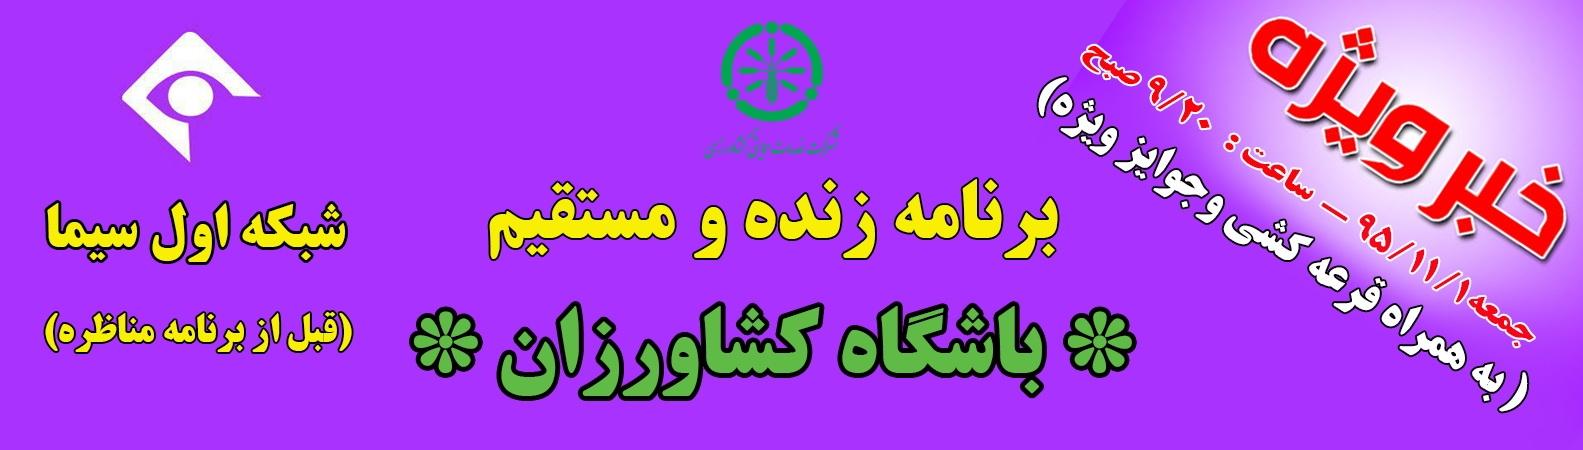 برنامه زنده تلويزيونی در مورد باشگاه كشاورزان